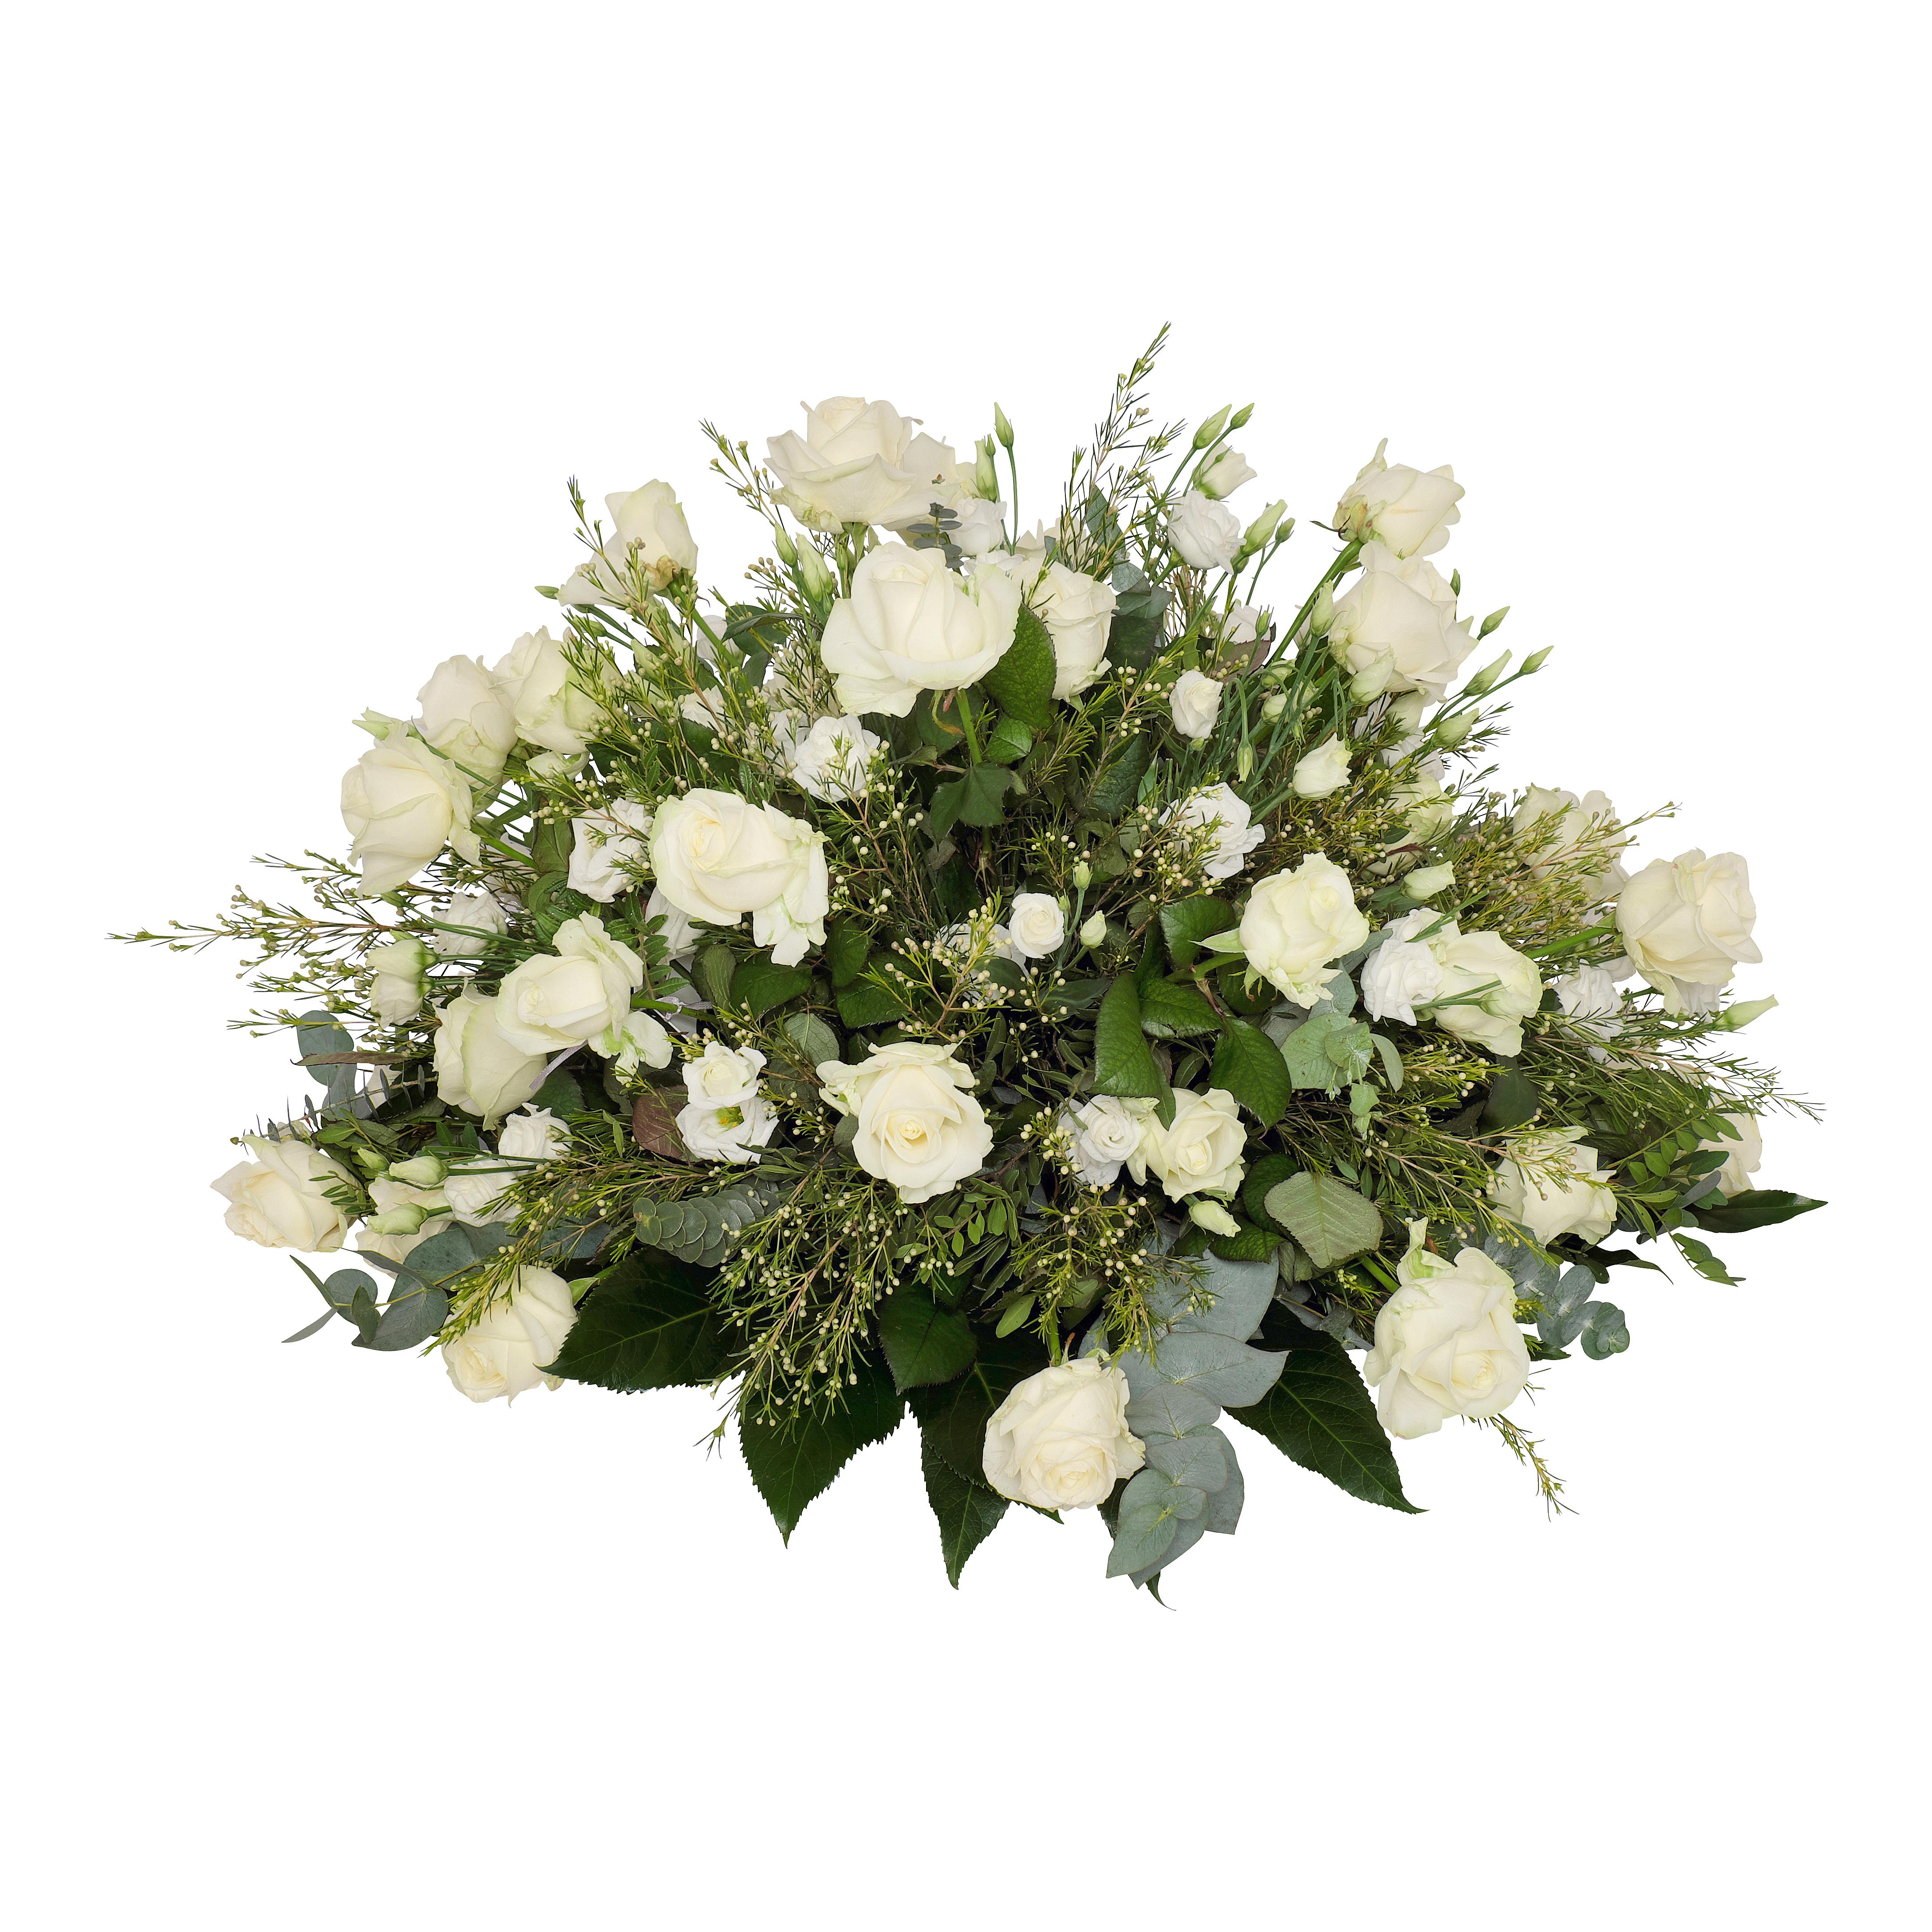 rouwstuk bloemwerk wit